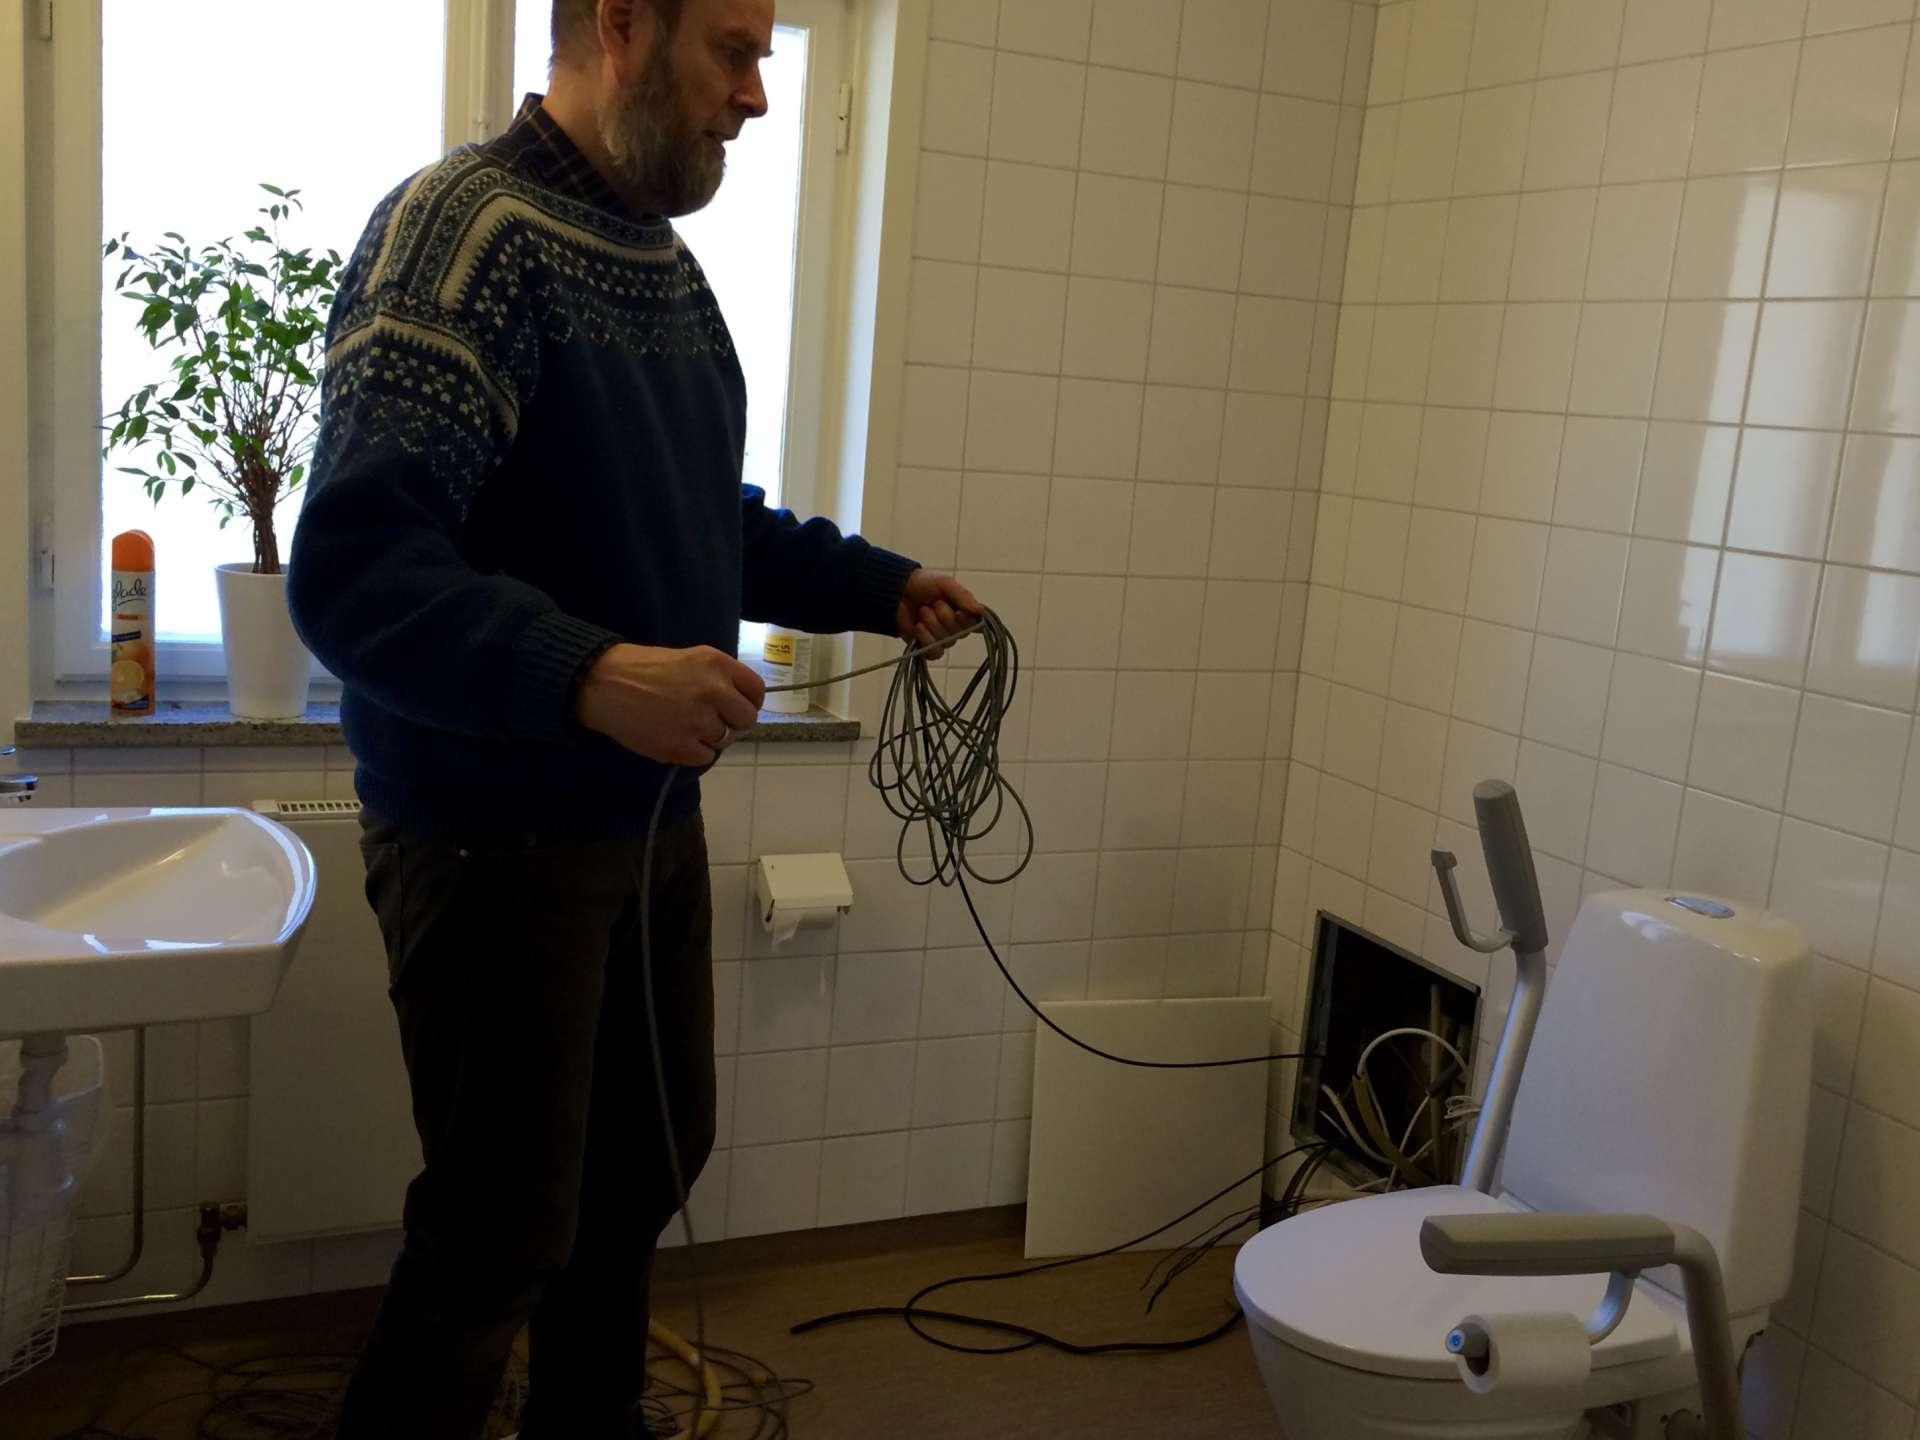 Det gäller att hitta kabelvägar som gör kabeldragningen smidig och nästan osynlig.